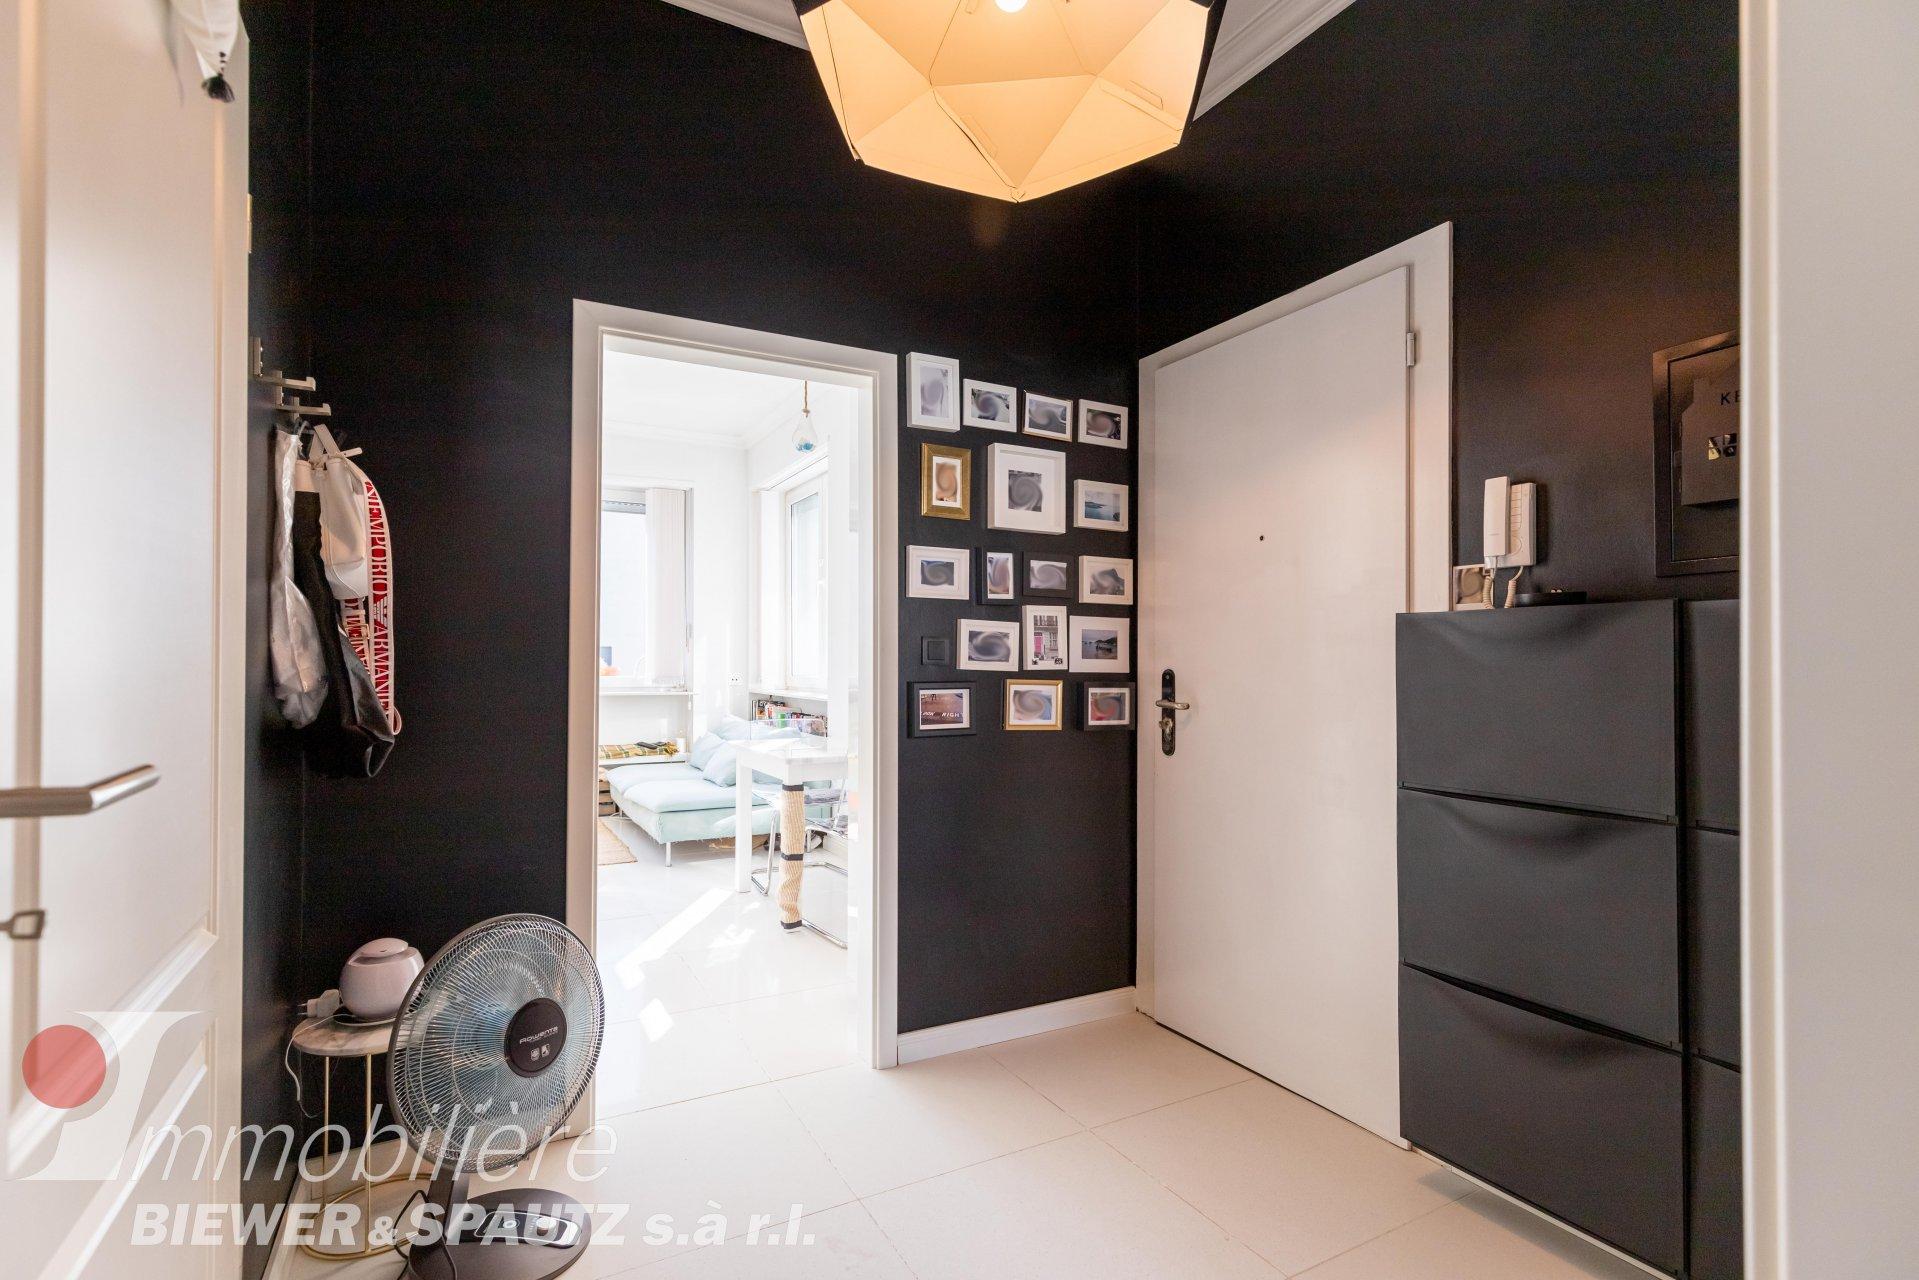 ZU VERKAUFEN - Wohnung mit 2 Schlafzimmer in Luxemburg-Bonnevoie